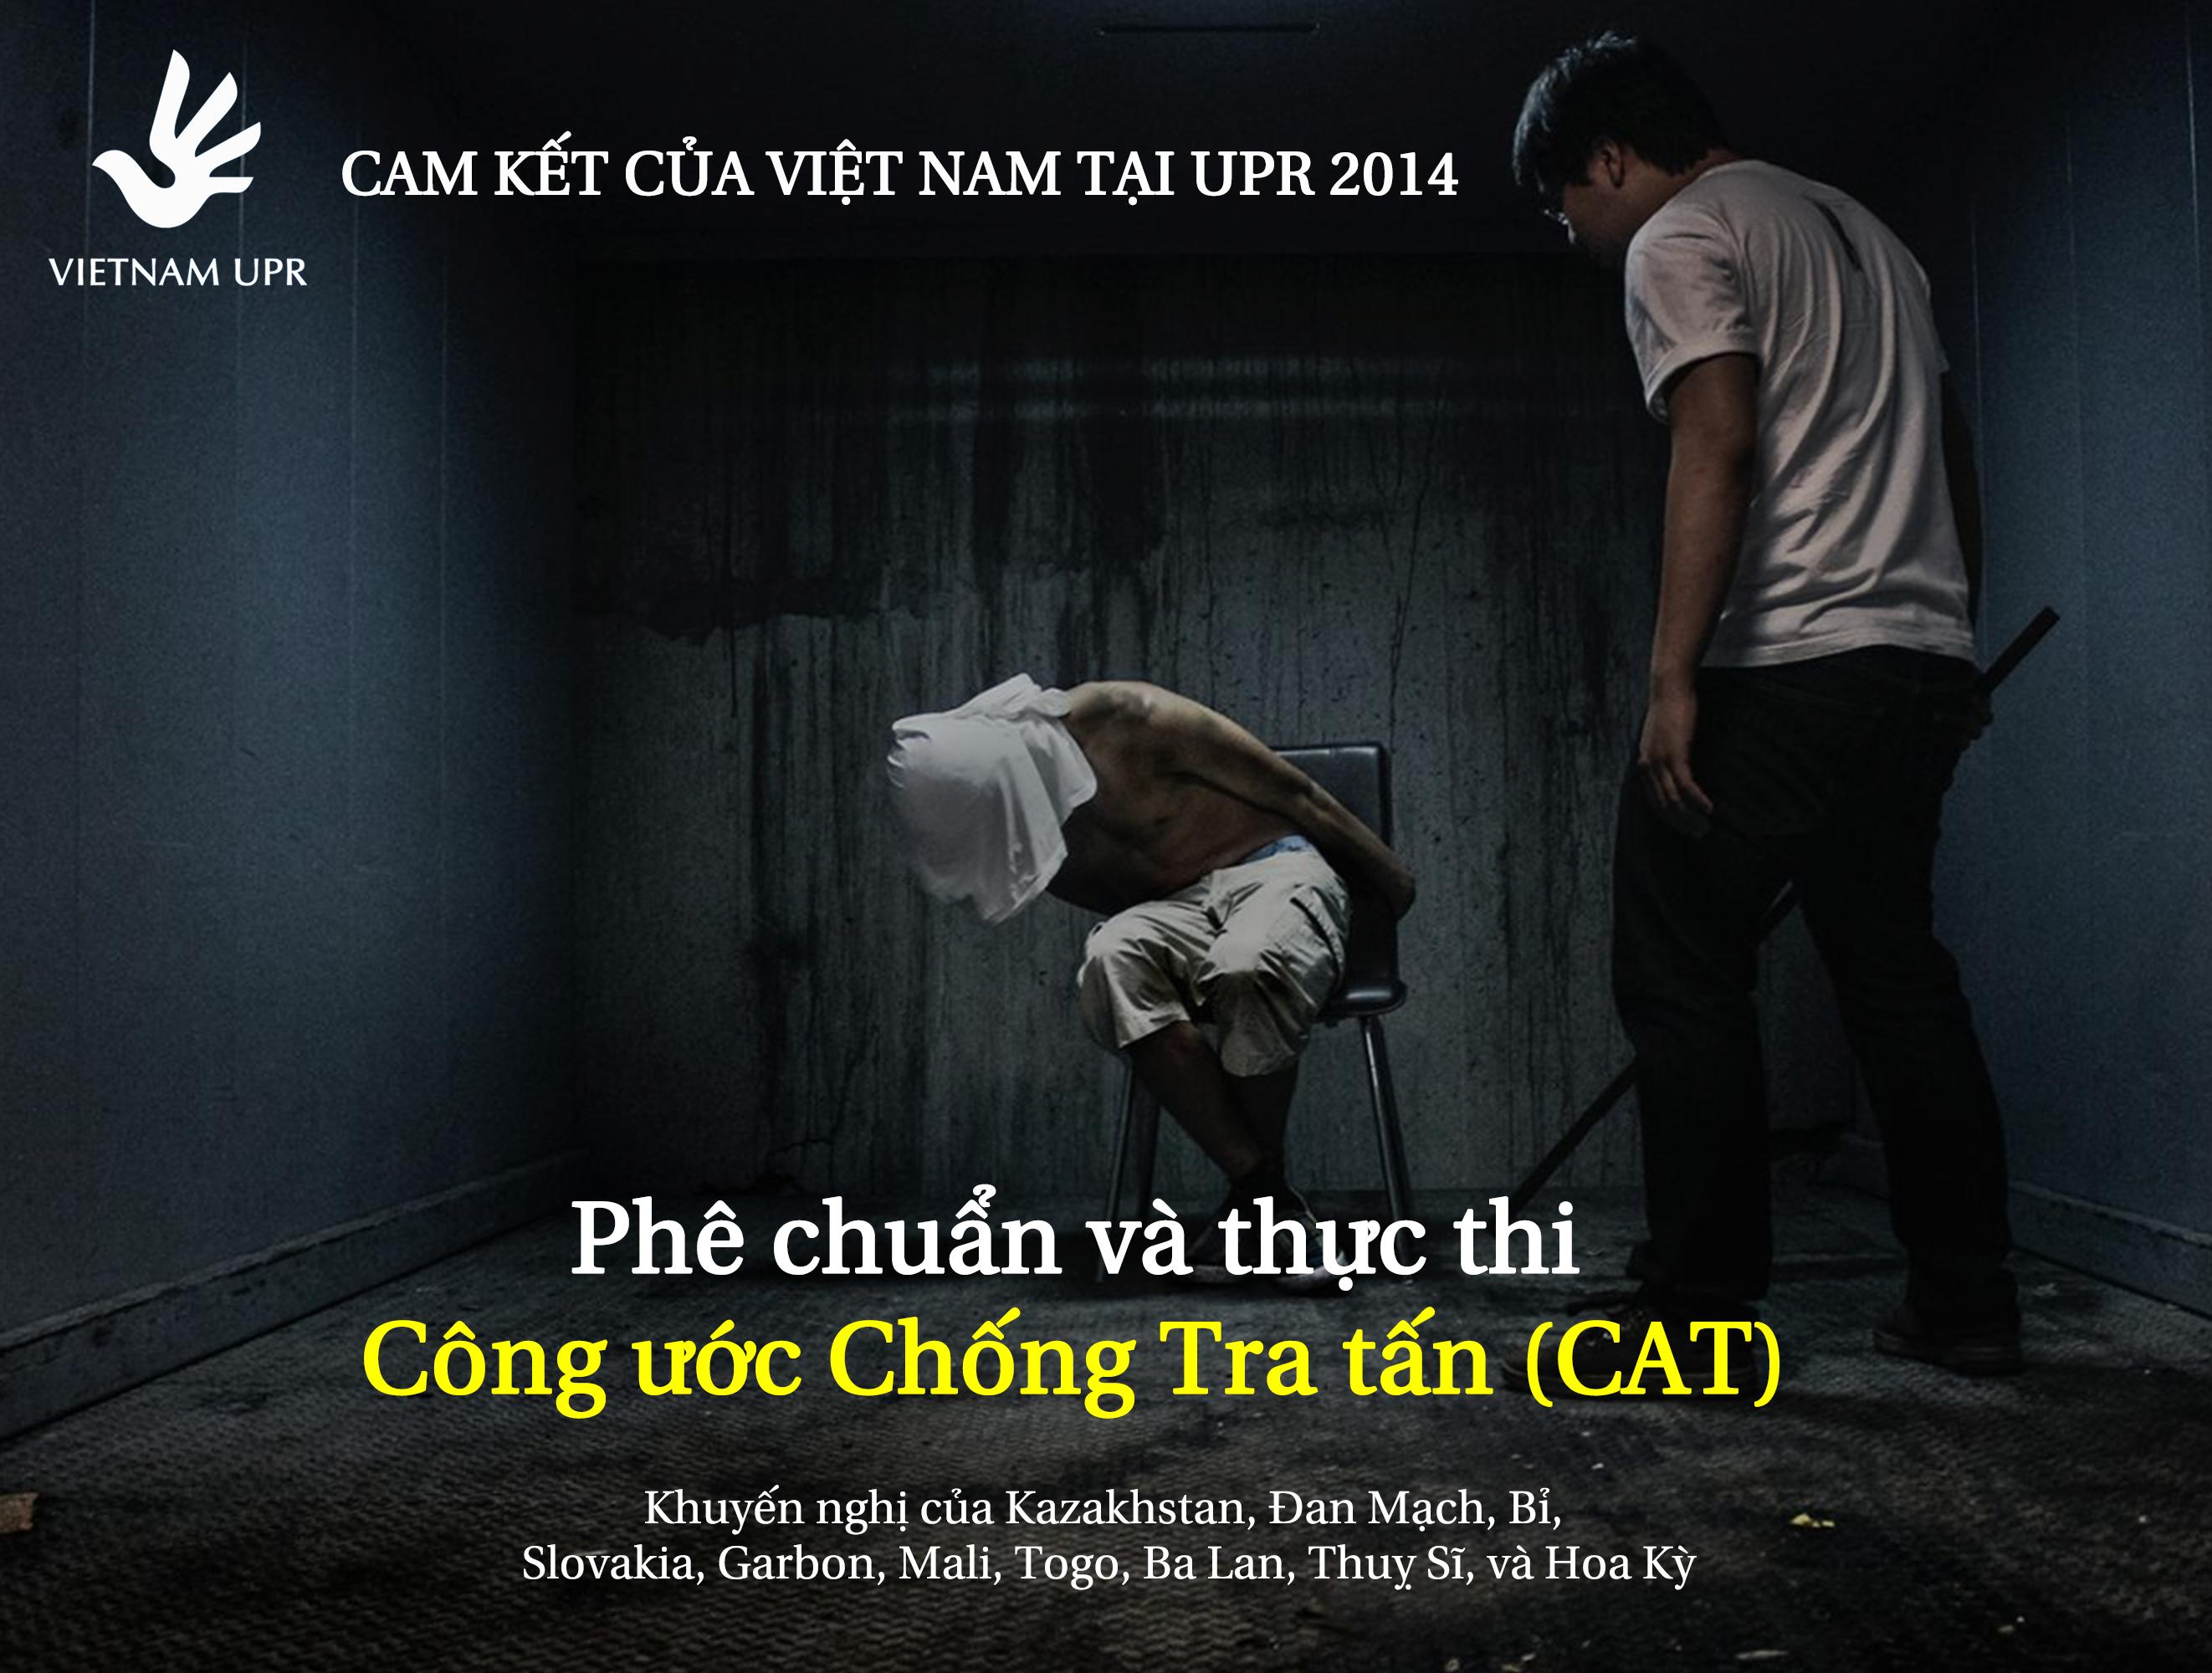 Bạn có biết Việt Nam đã cam kết phê chuẩn và thực thi Công ước chống tra tấn tại UPR 2014 -UPR_KN_4